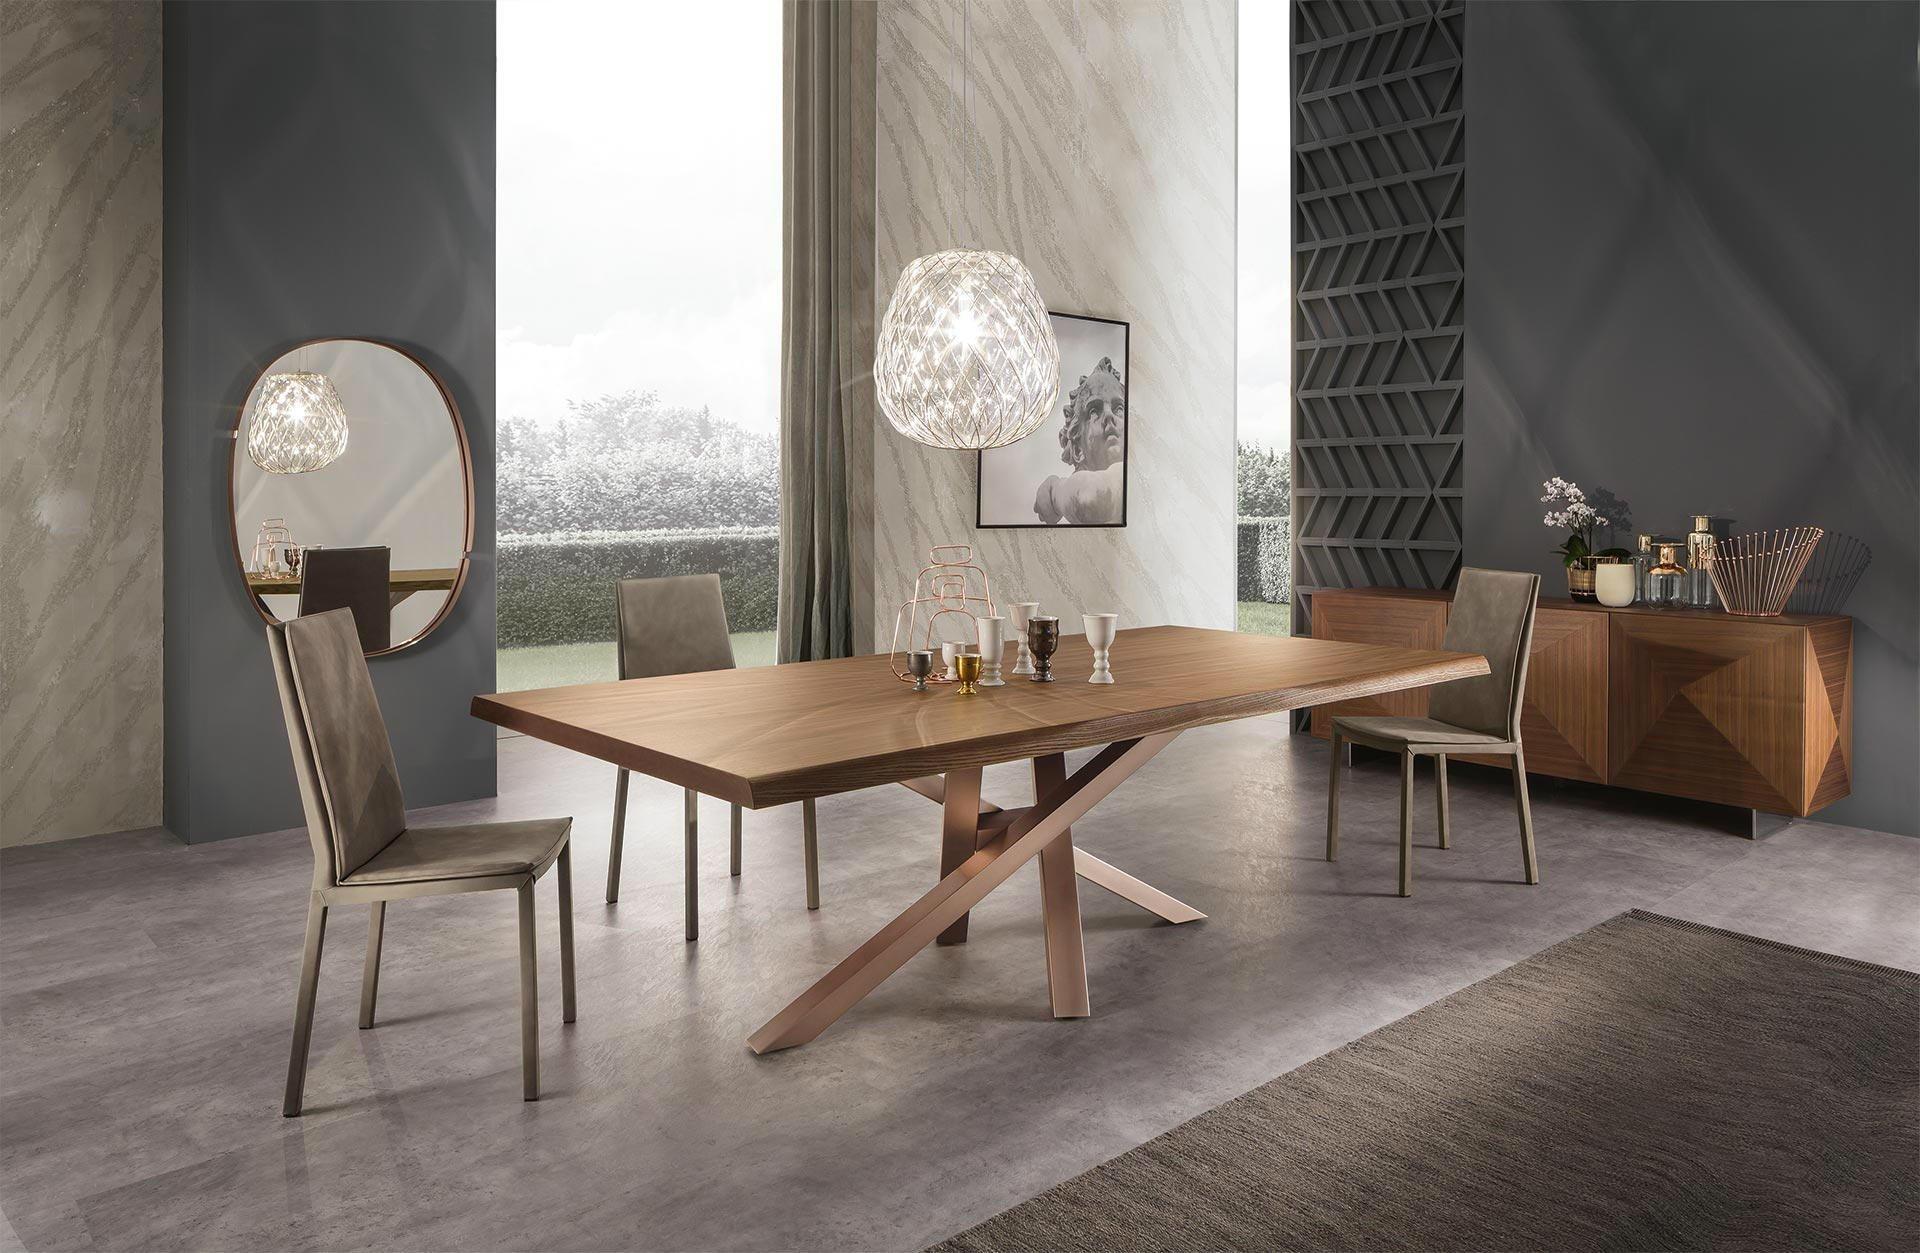 Tavola di legno con zampe incrociate,mobili ,pareti e lamparas de vetro di progettazione